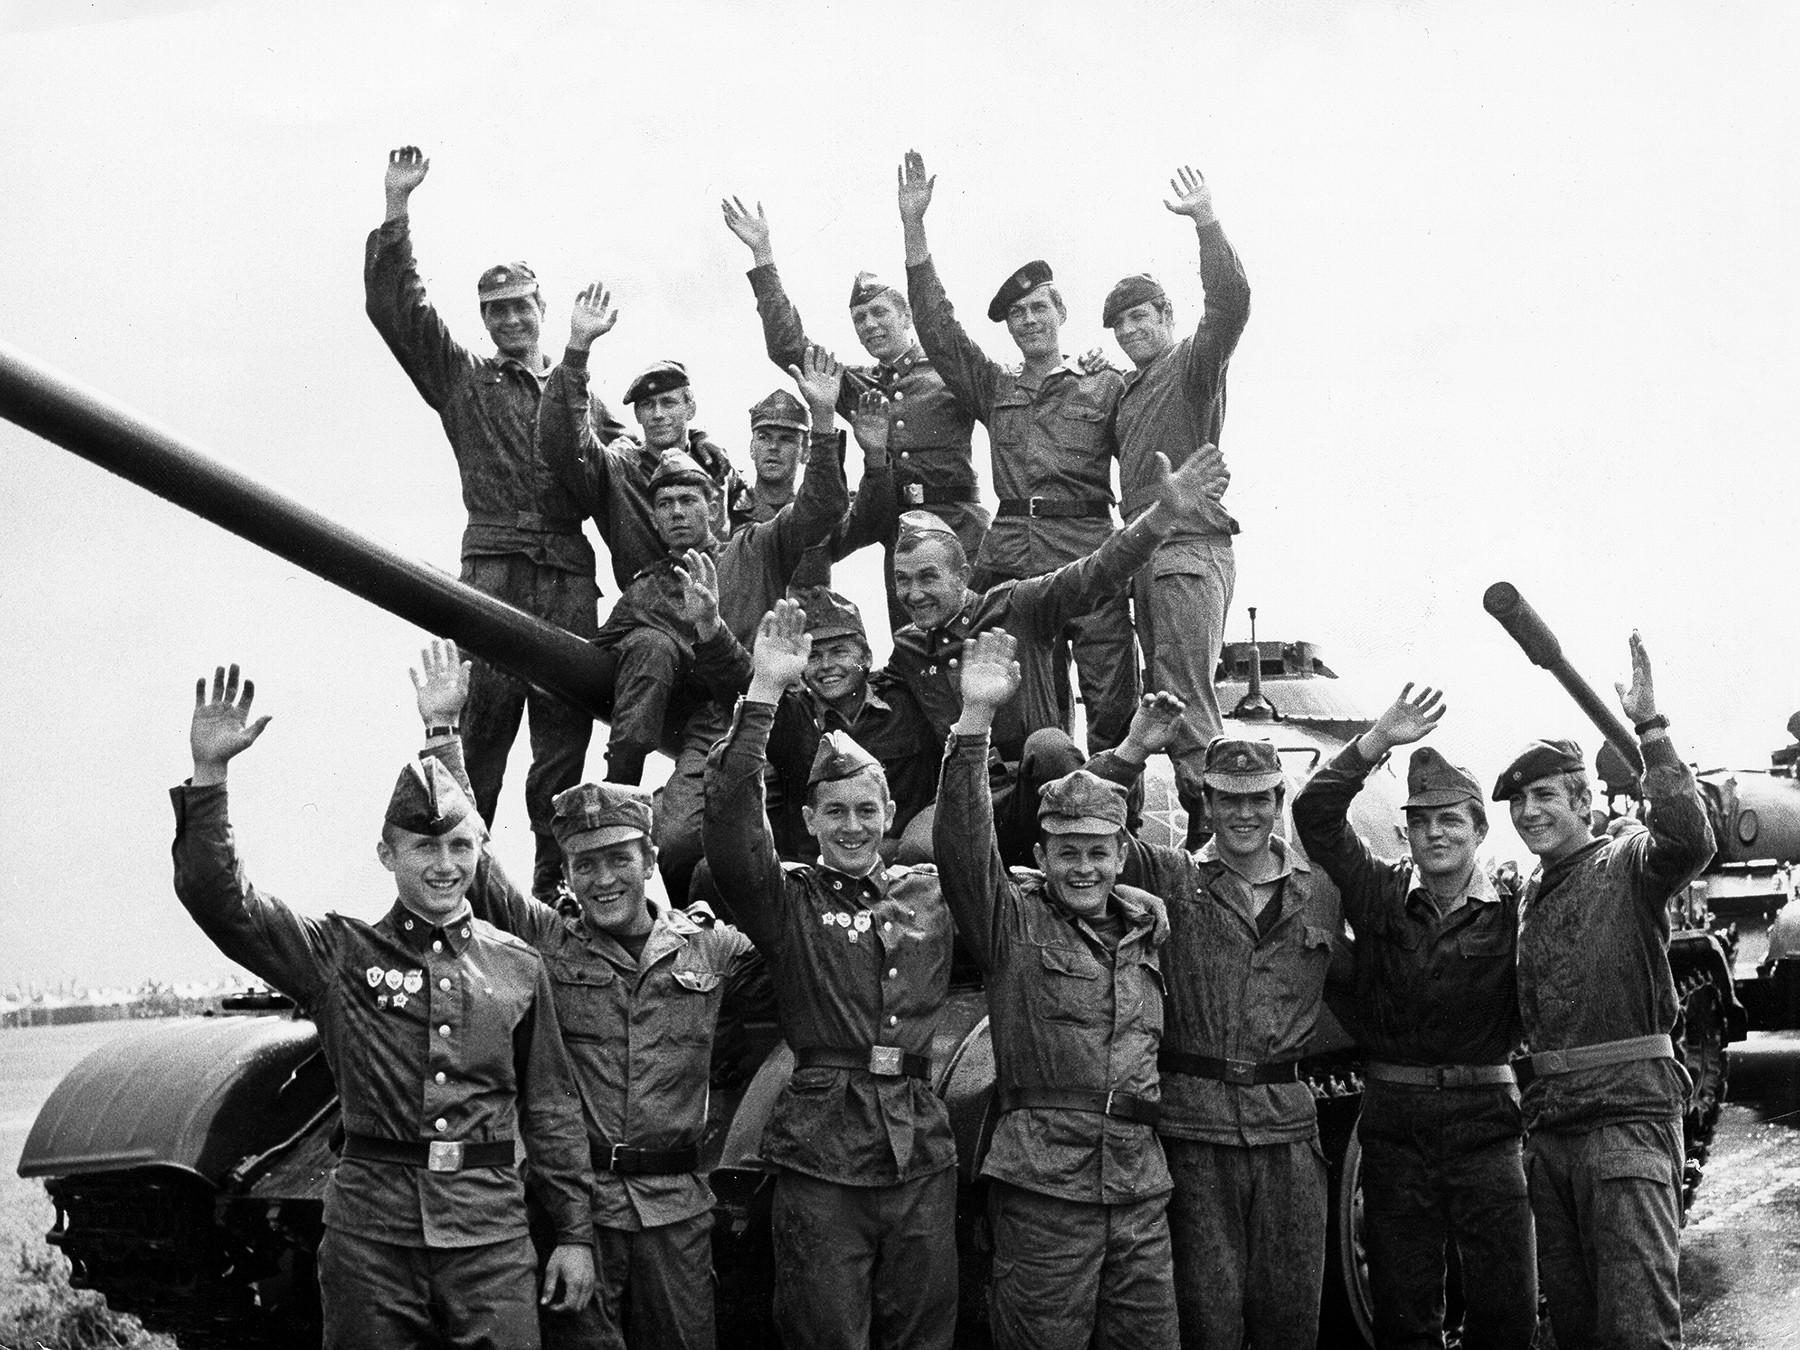 Ejercicios militares del Pacto de Varsovia Waffenbrüderschaft-80, la RDA.